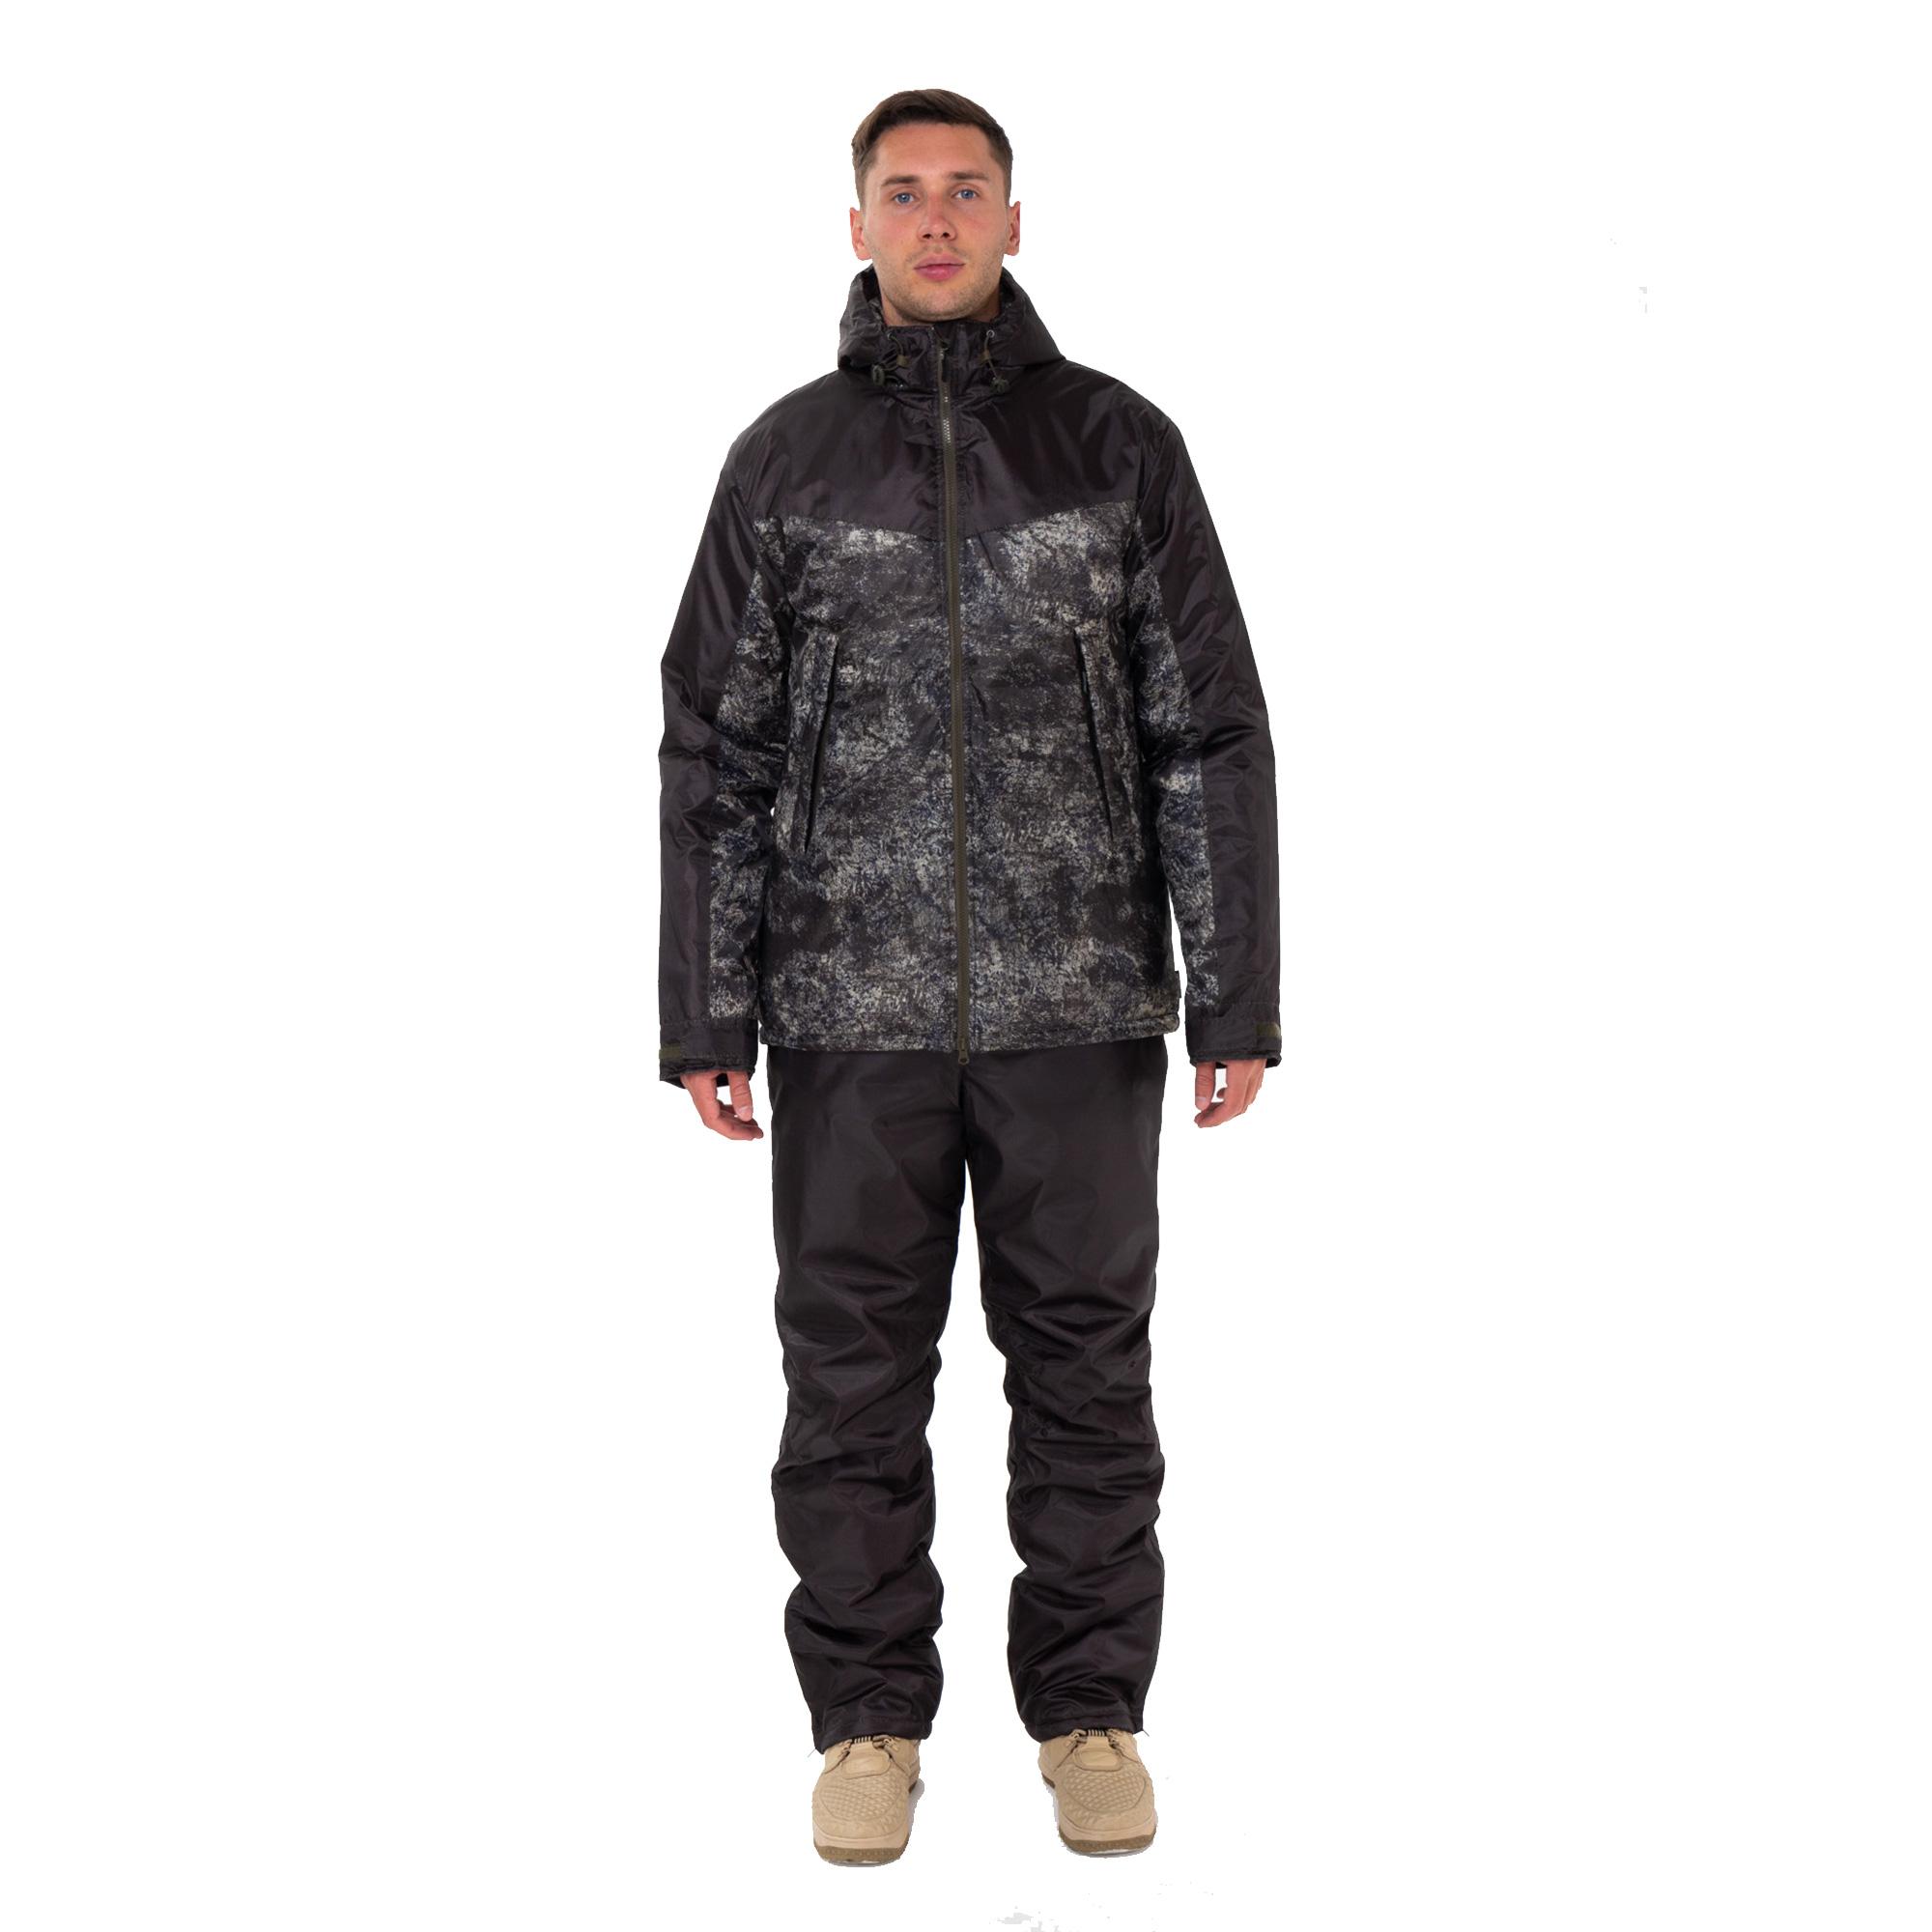 Костюм COSMO-TEX  Магистраль , Костюмы для охоты - арт. 1124270399